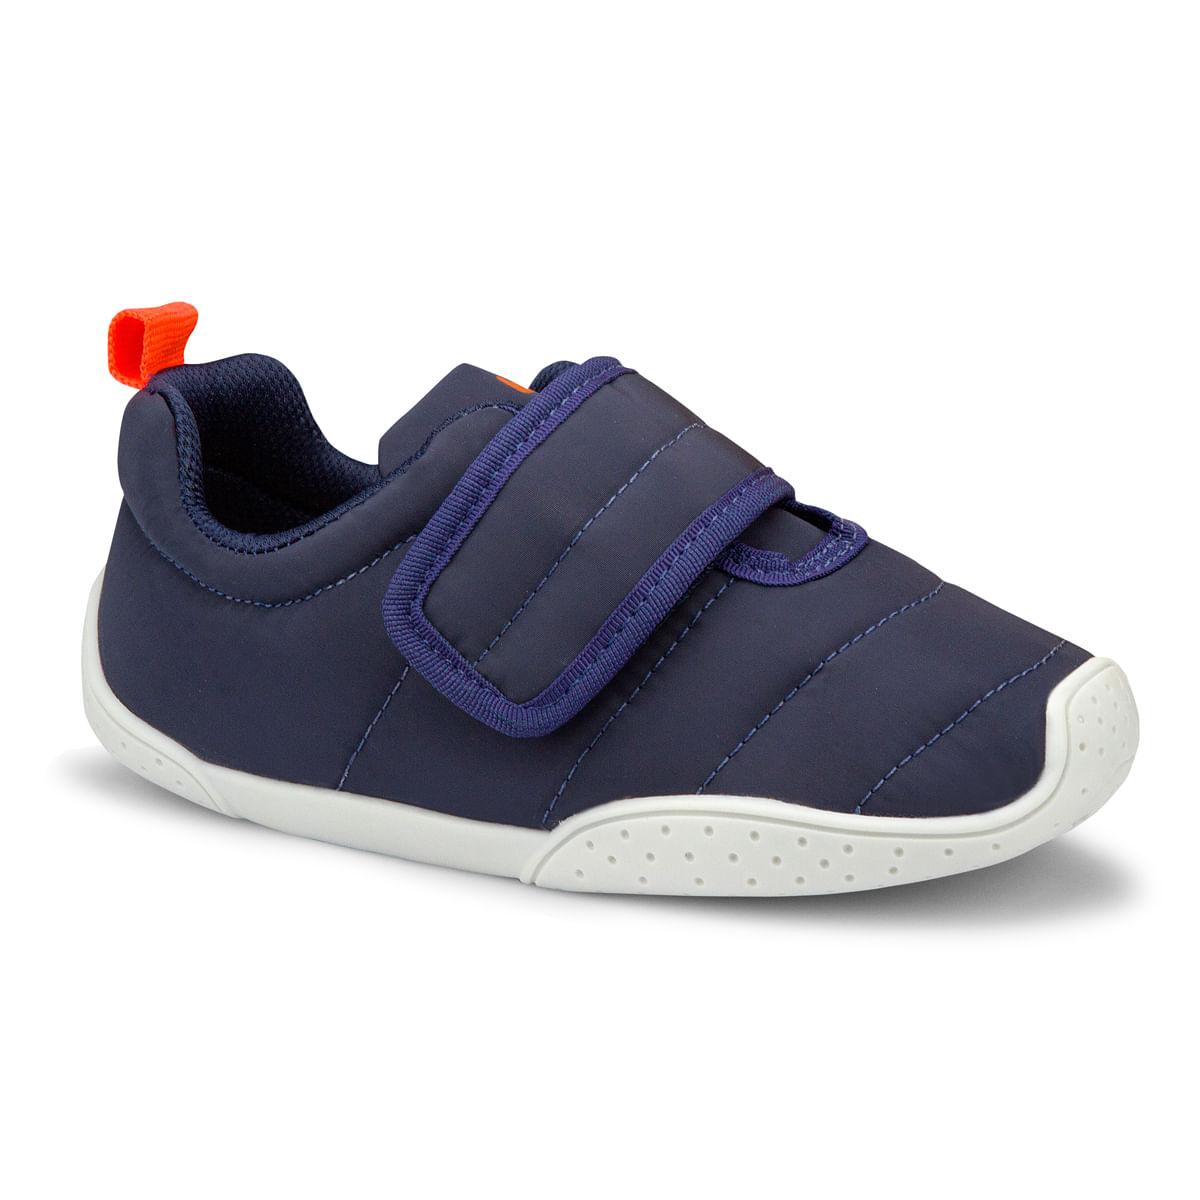 a8af465d4 Tênis Infantil Bibi Masculino Azul Fisioflex 1063093 - Bibi Calçados